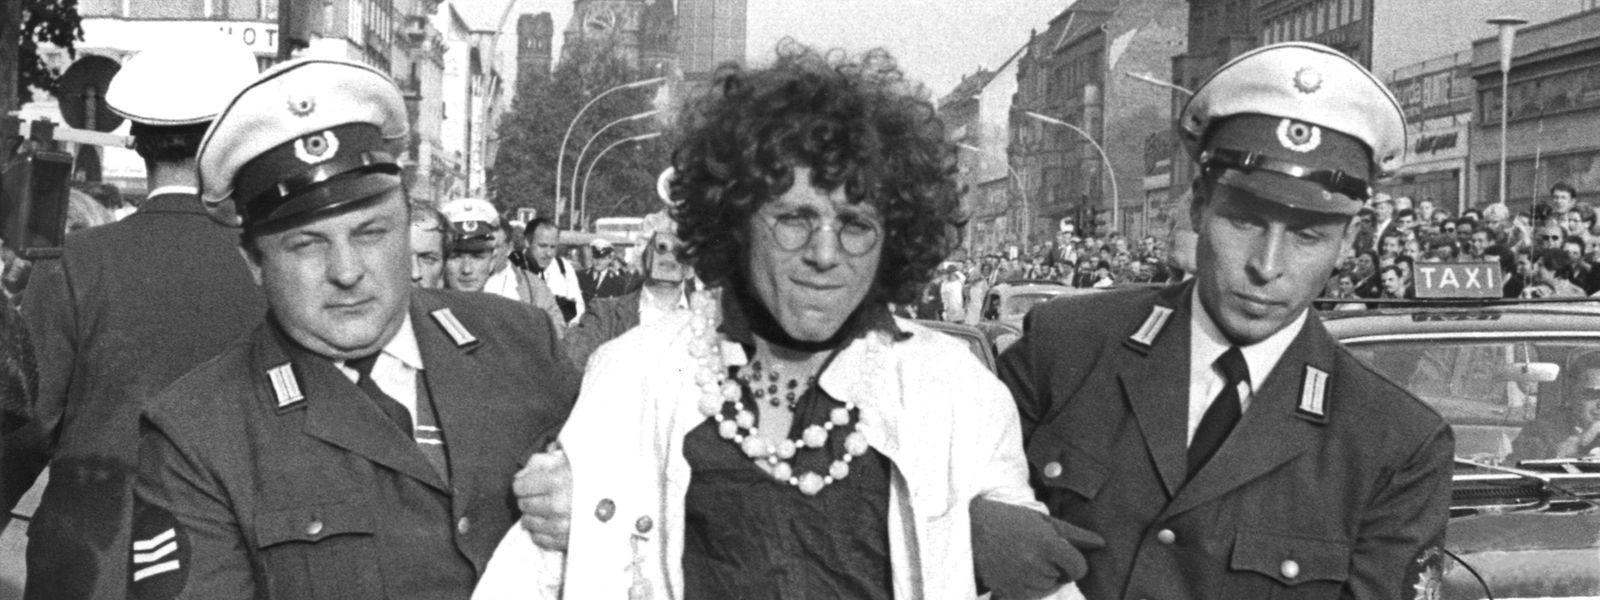 Rainer Langhans wird von zwei Polizeibeamten abgeführt: Am 30. September 1967 versammelten sich mehrere Hundert Jugendliche und Studenten auf dem Kurfürstendamm, um für den in Untersuchungshaft sitzenden FU-Studenten Fritz Teufel zu demonstrieren.